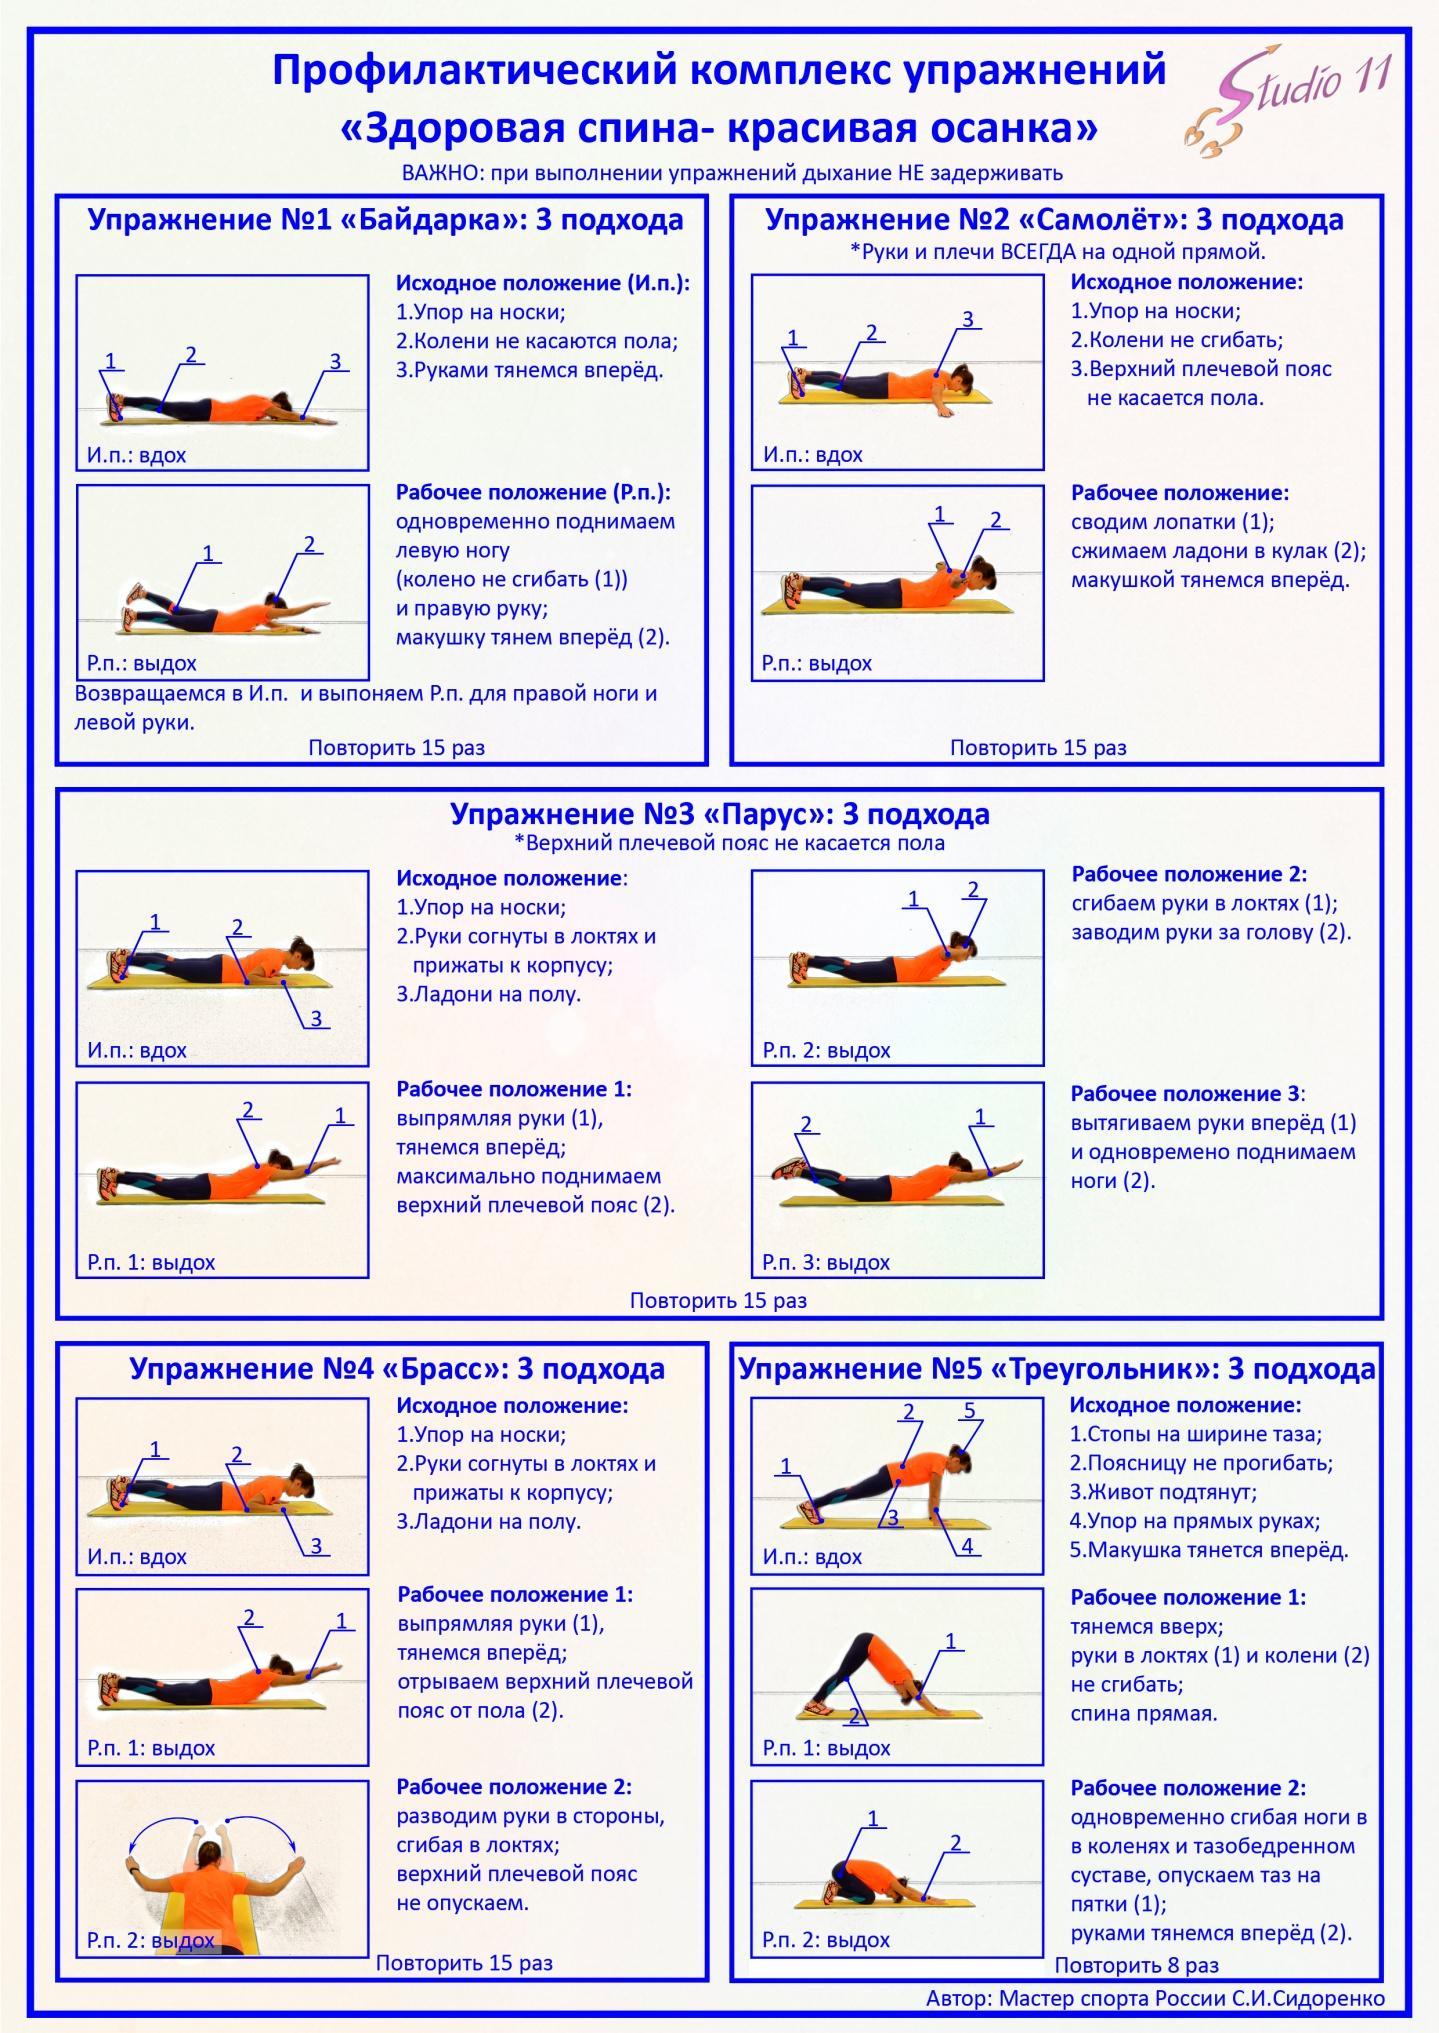 Упражнения для укрепления мышц спины и поясницы в домашних условиях